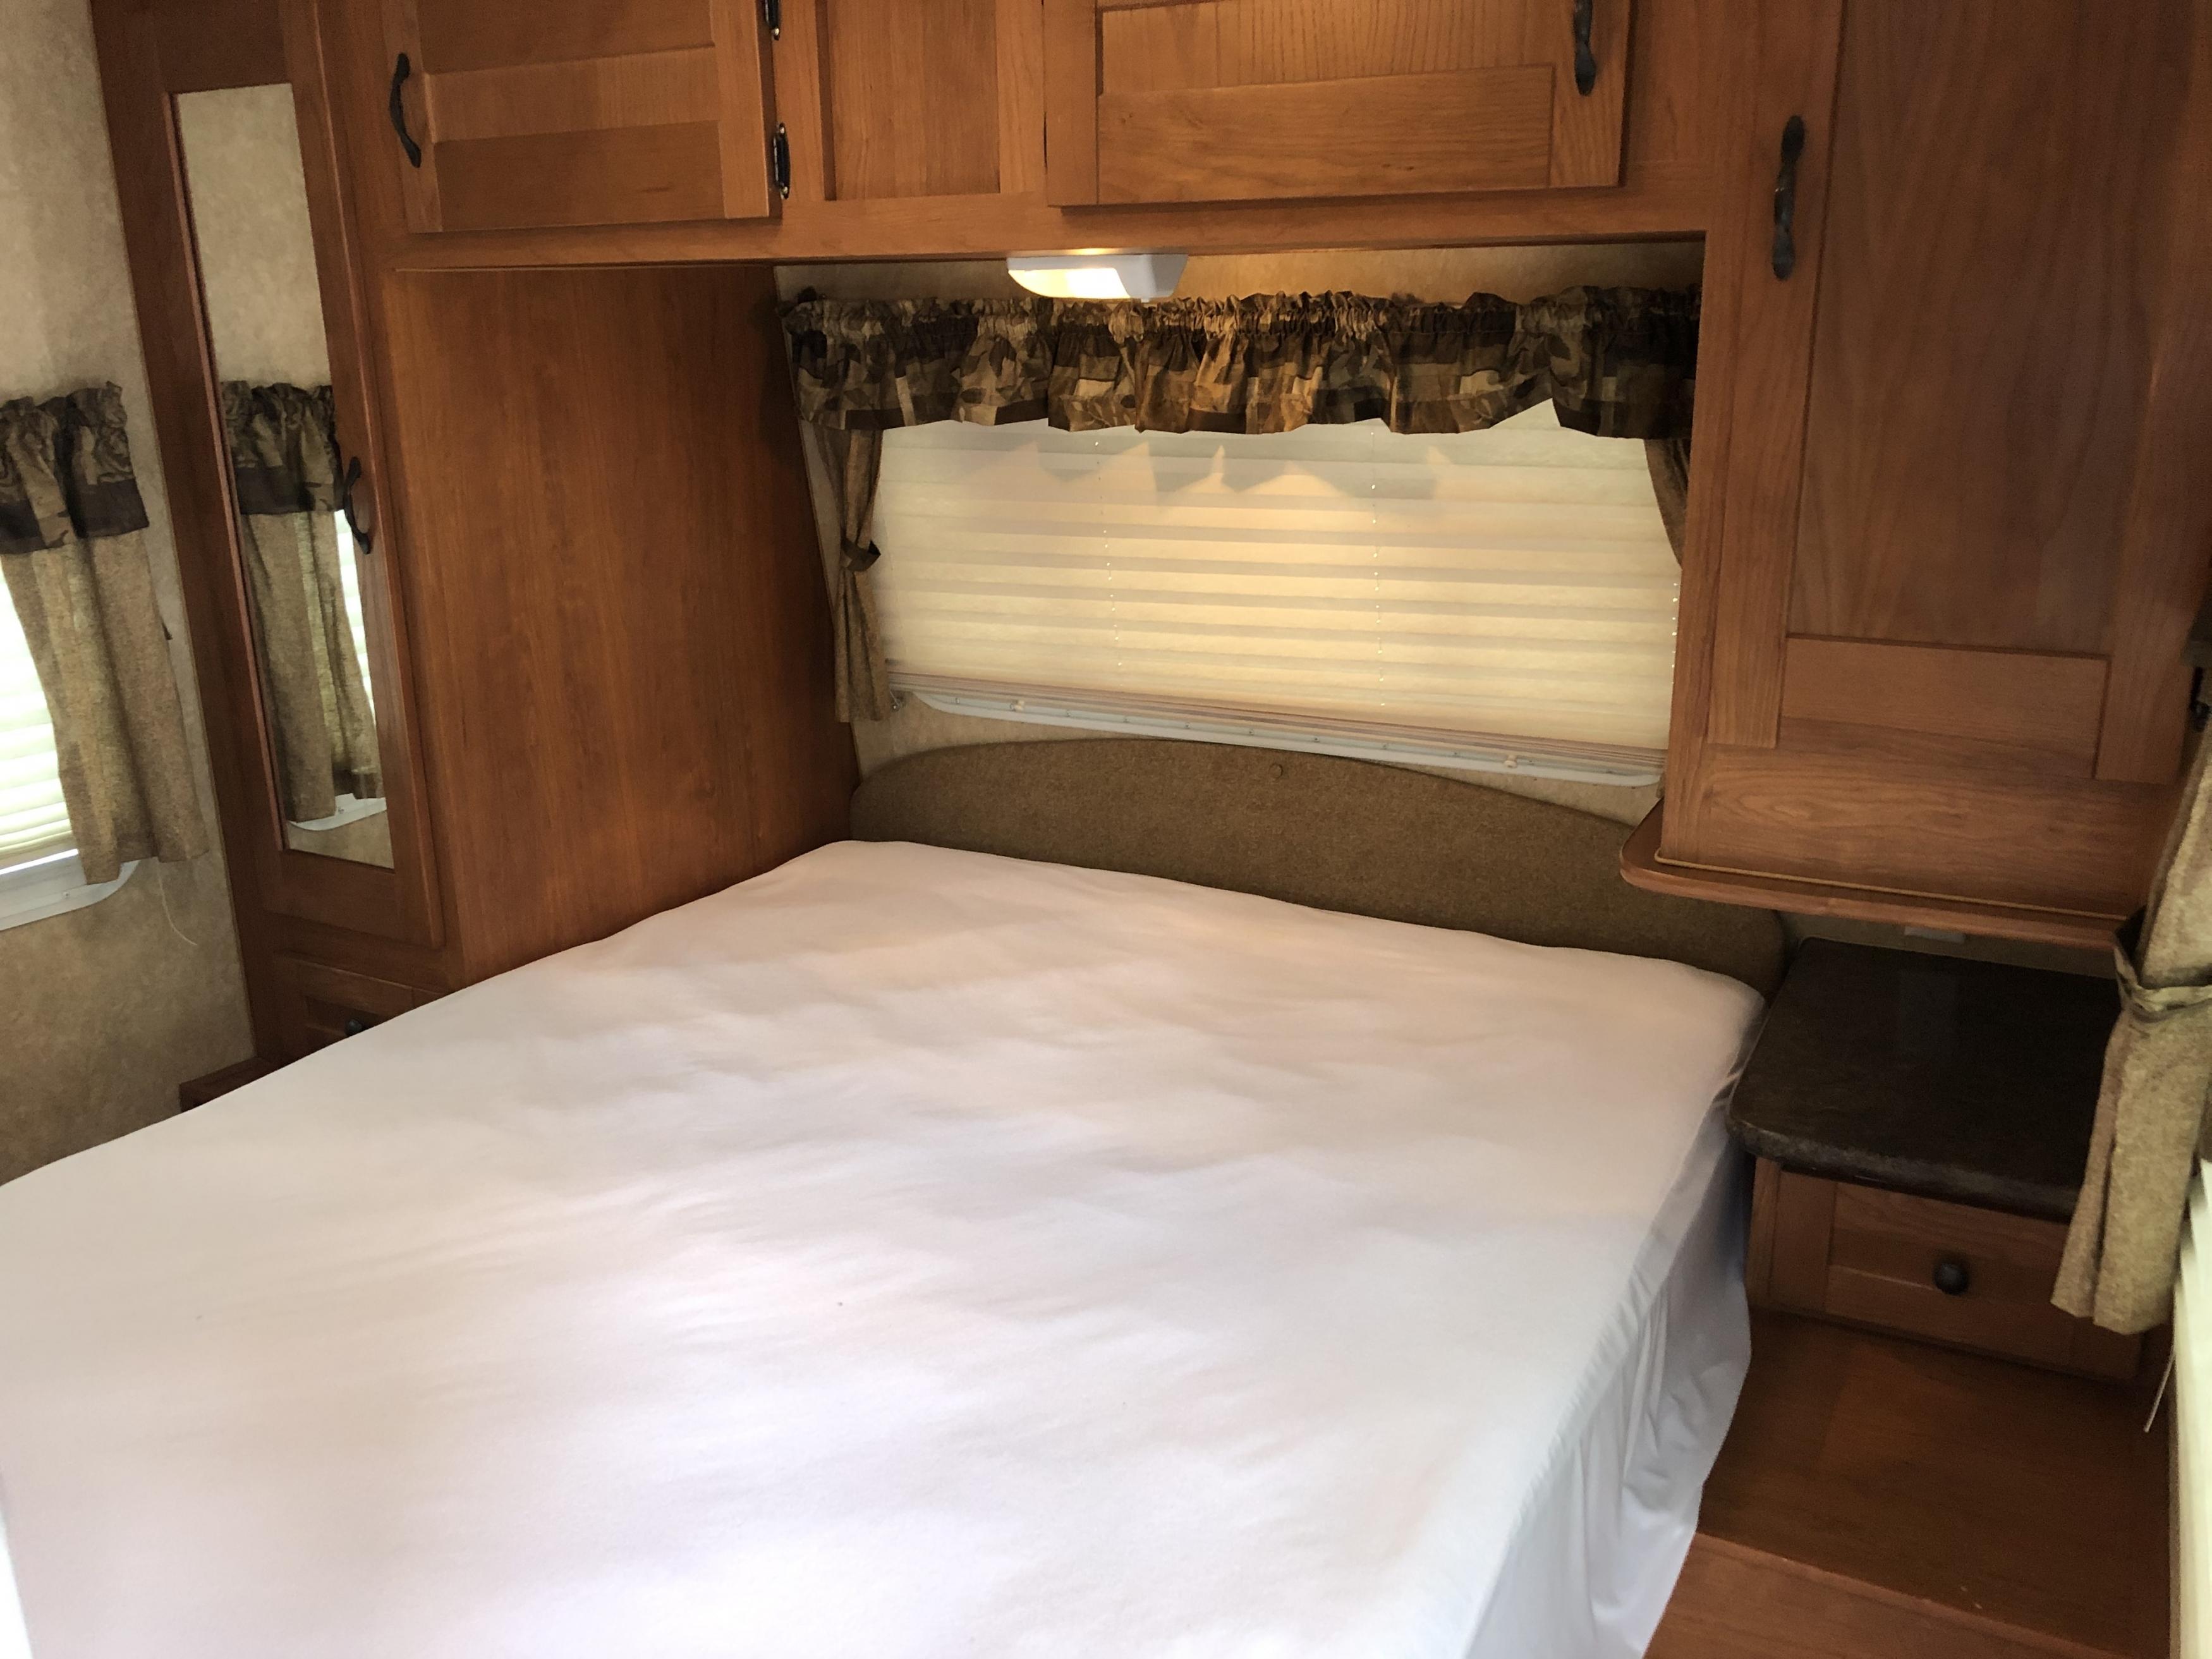 27' Heritage Glen Queen Bed interior view